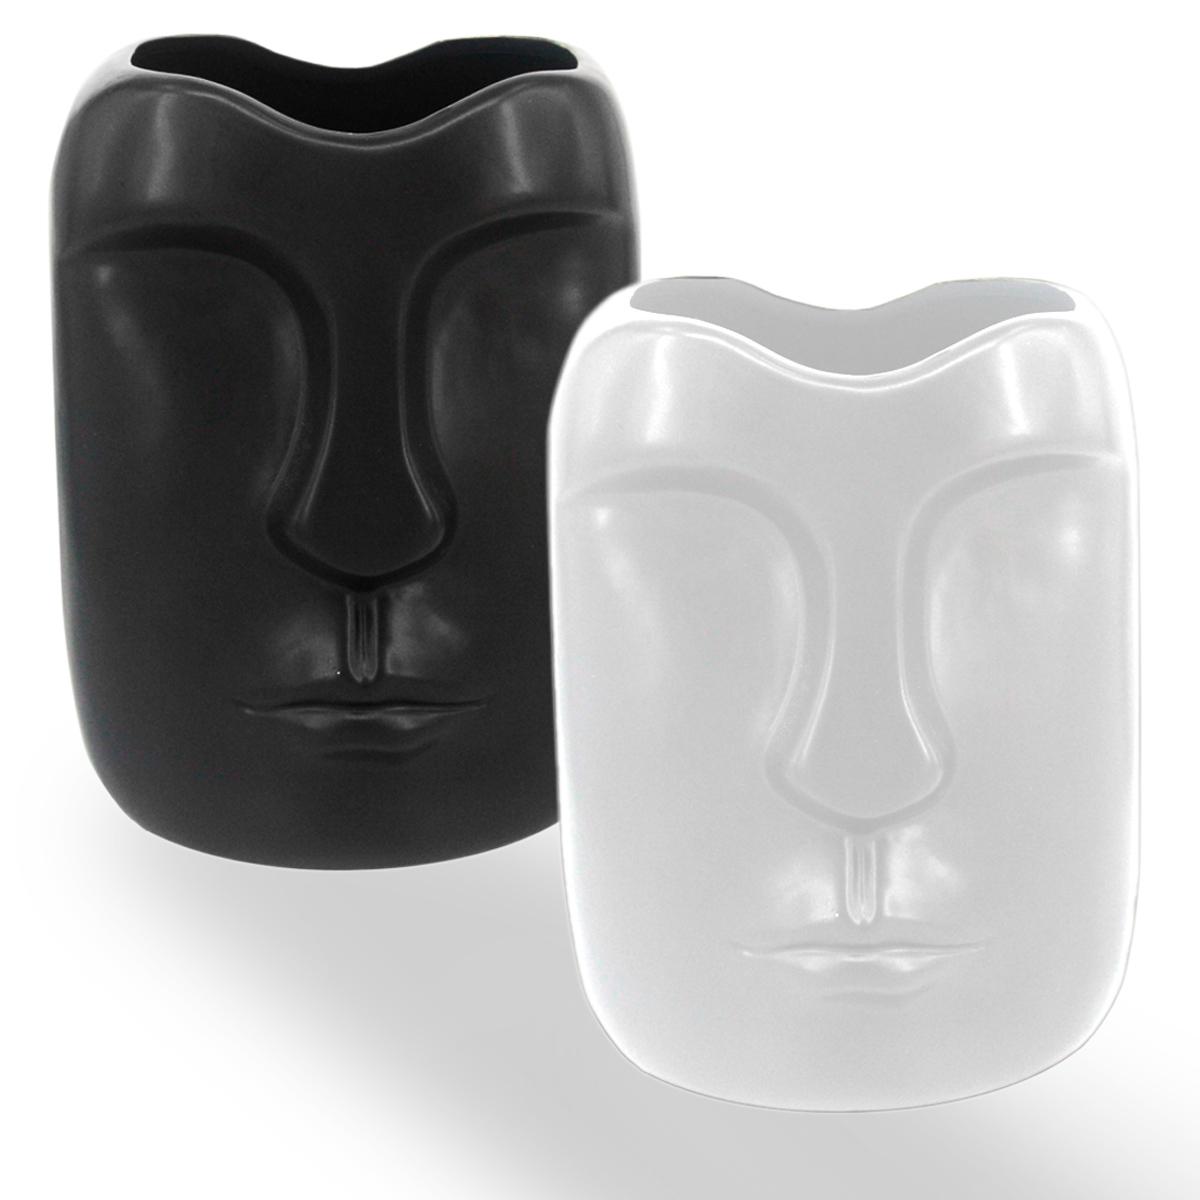 Jogo 2 Vasos Rosto Cerâmica Branca e Preto 14x12x19cm BTC